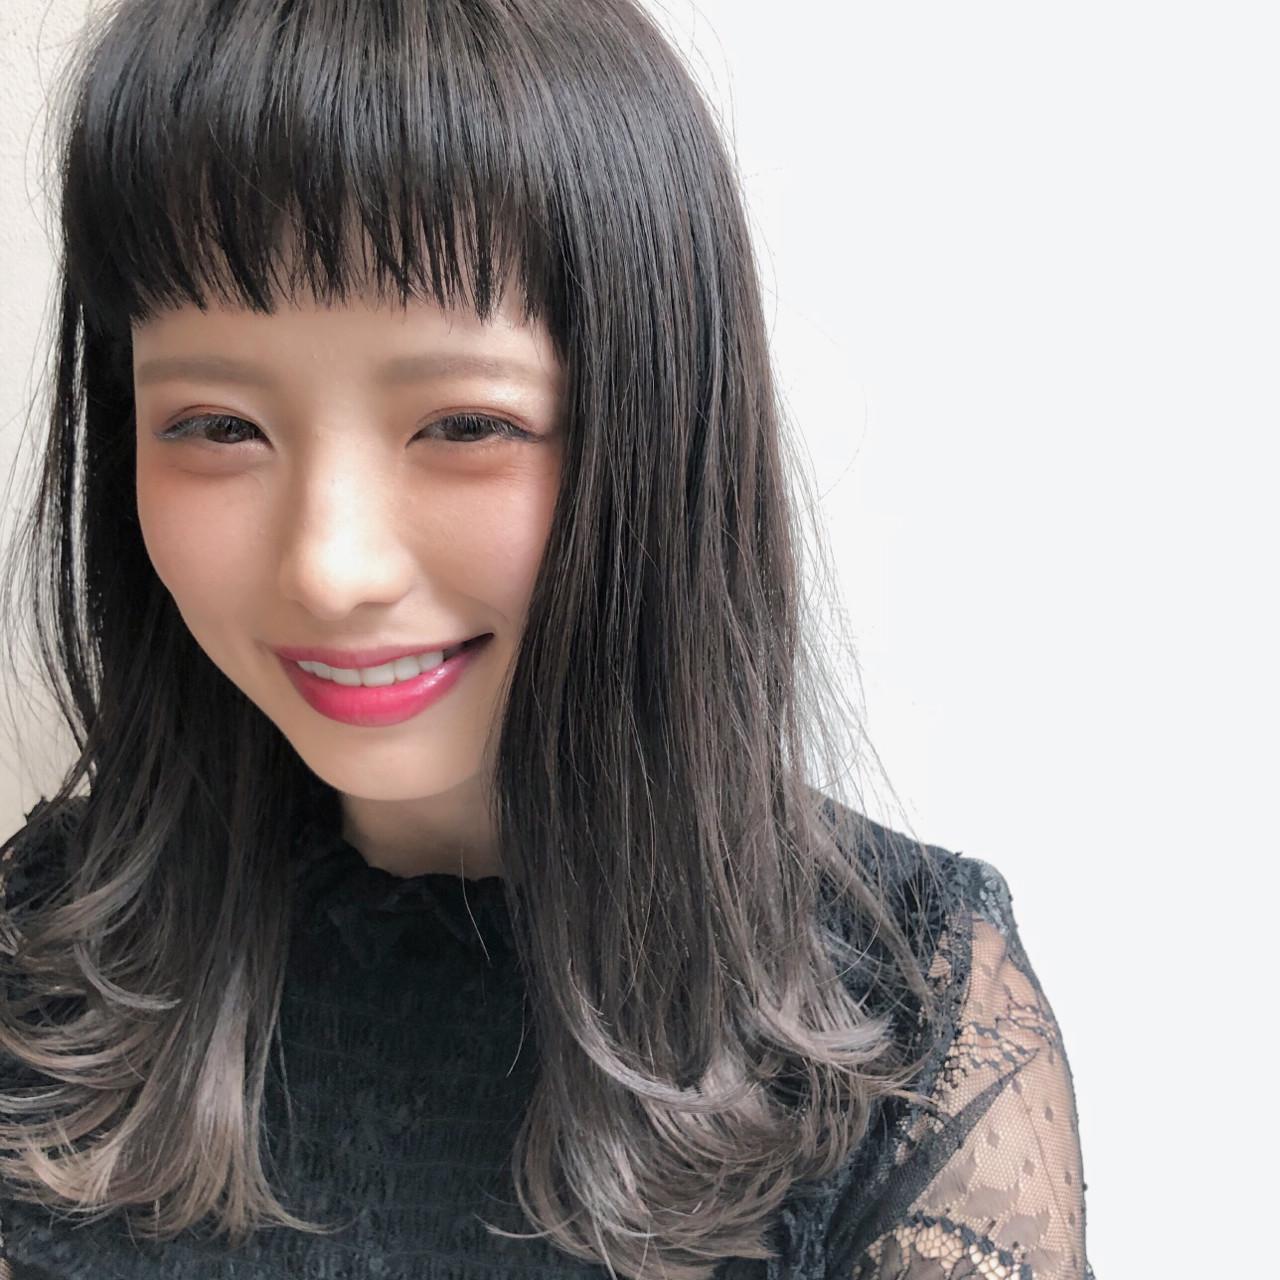 オン眉で印象チェンジ♡丸顔さんも似合うおすすめヘアスタイル紹介の28枚目の画像